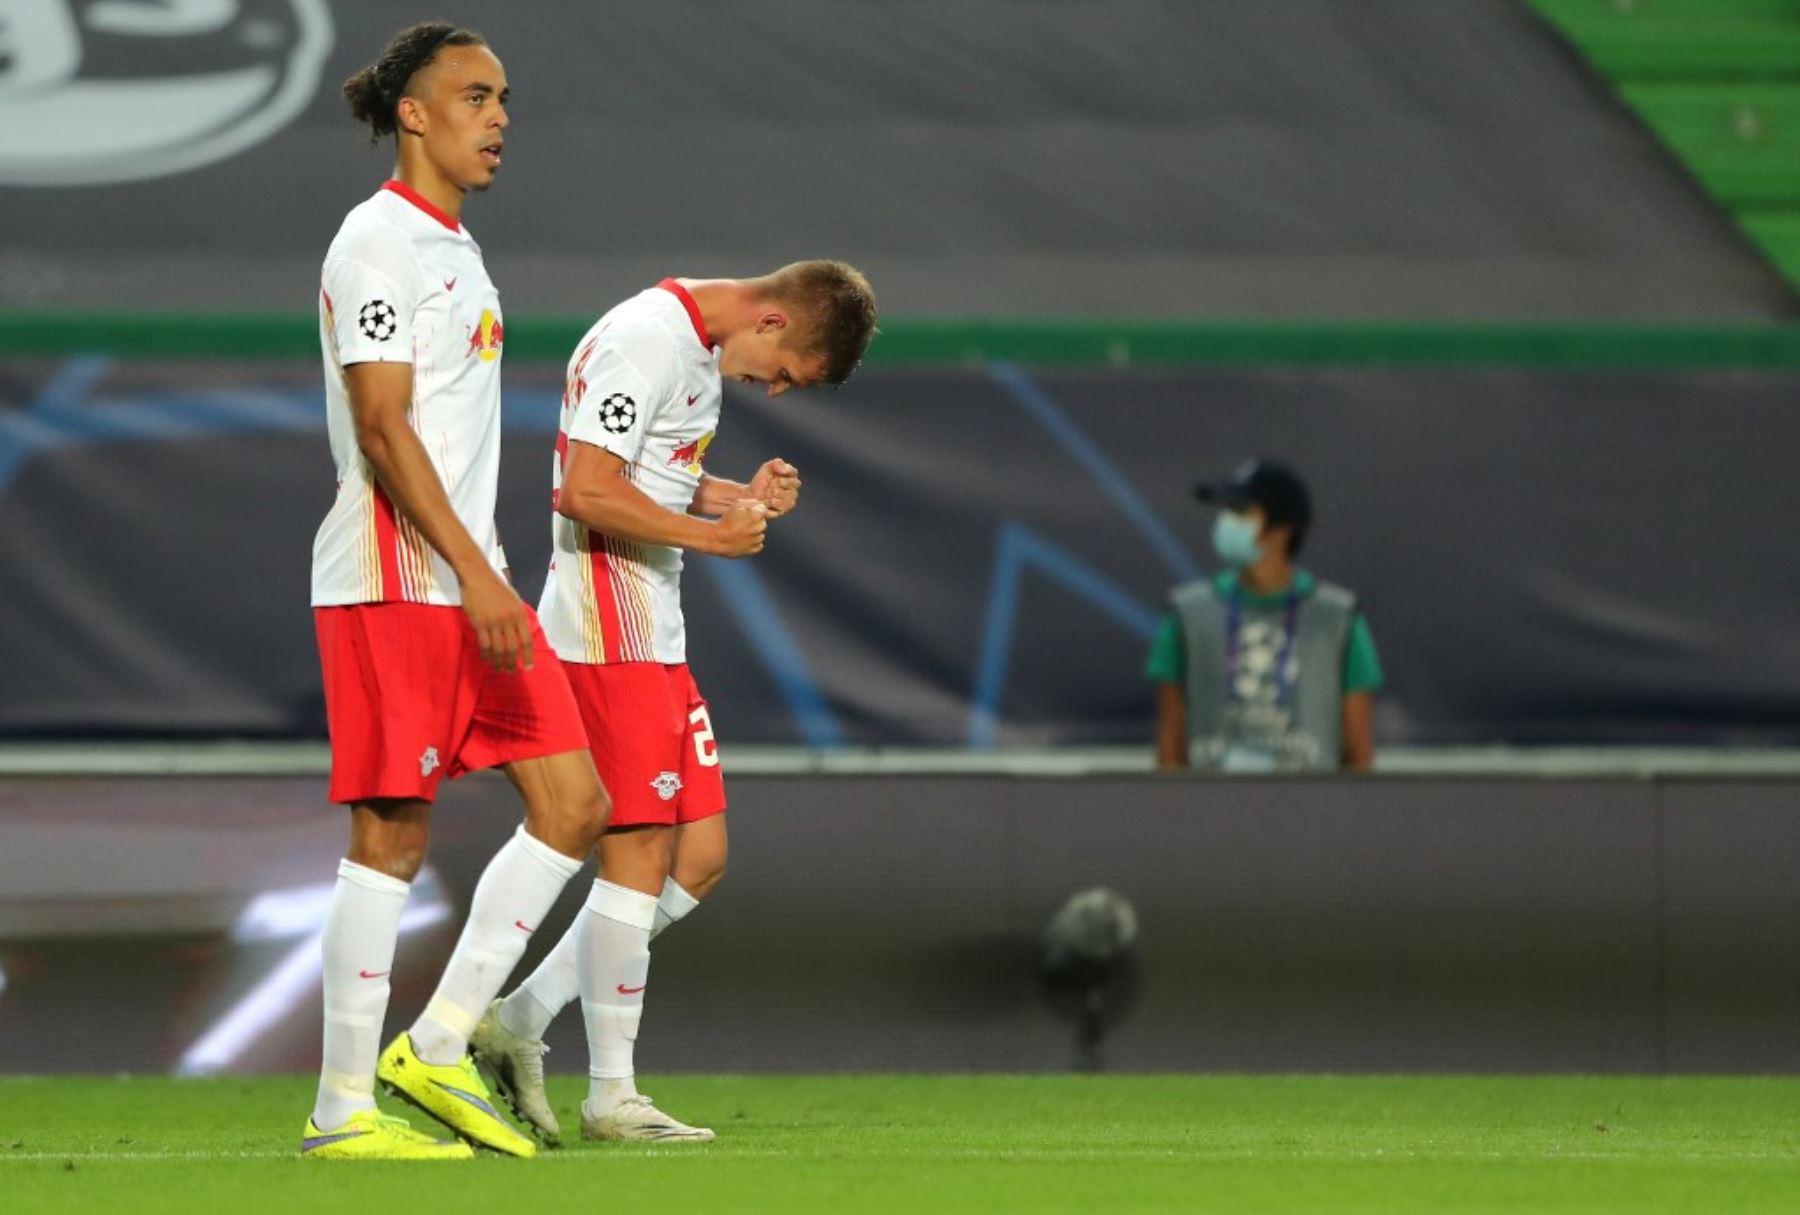 El centrocampista español de Leipzig Dani Olmo marca un gol durante el partido de fútbol de cuartos de final de la Liga de Campeones de la UEFA entre Leipzig y Atlético de Madrid en el estadio José Alvalade de Lisboa. Foto: AFP